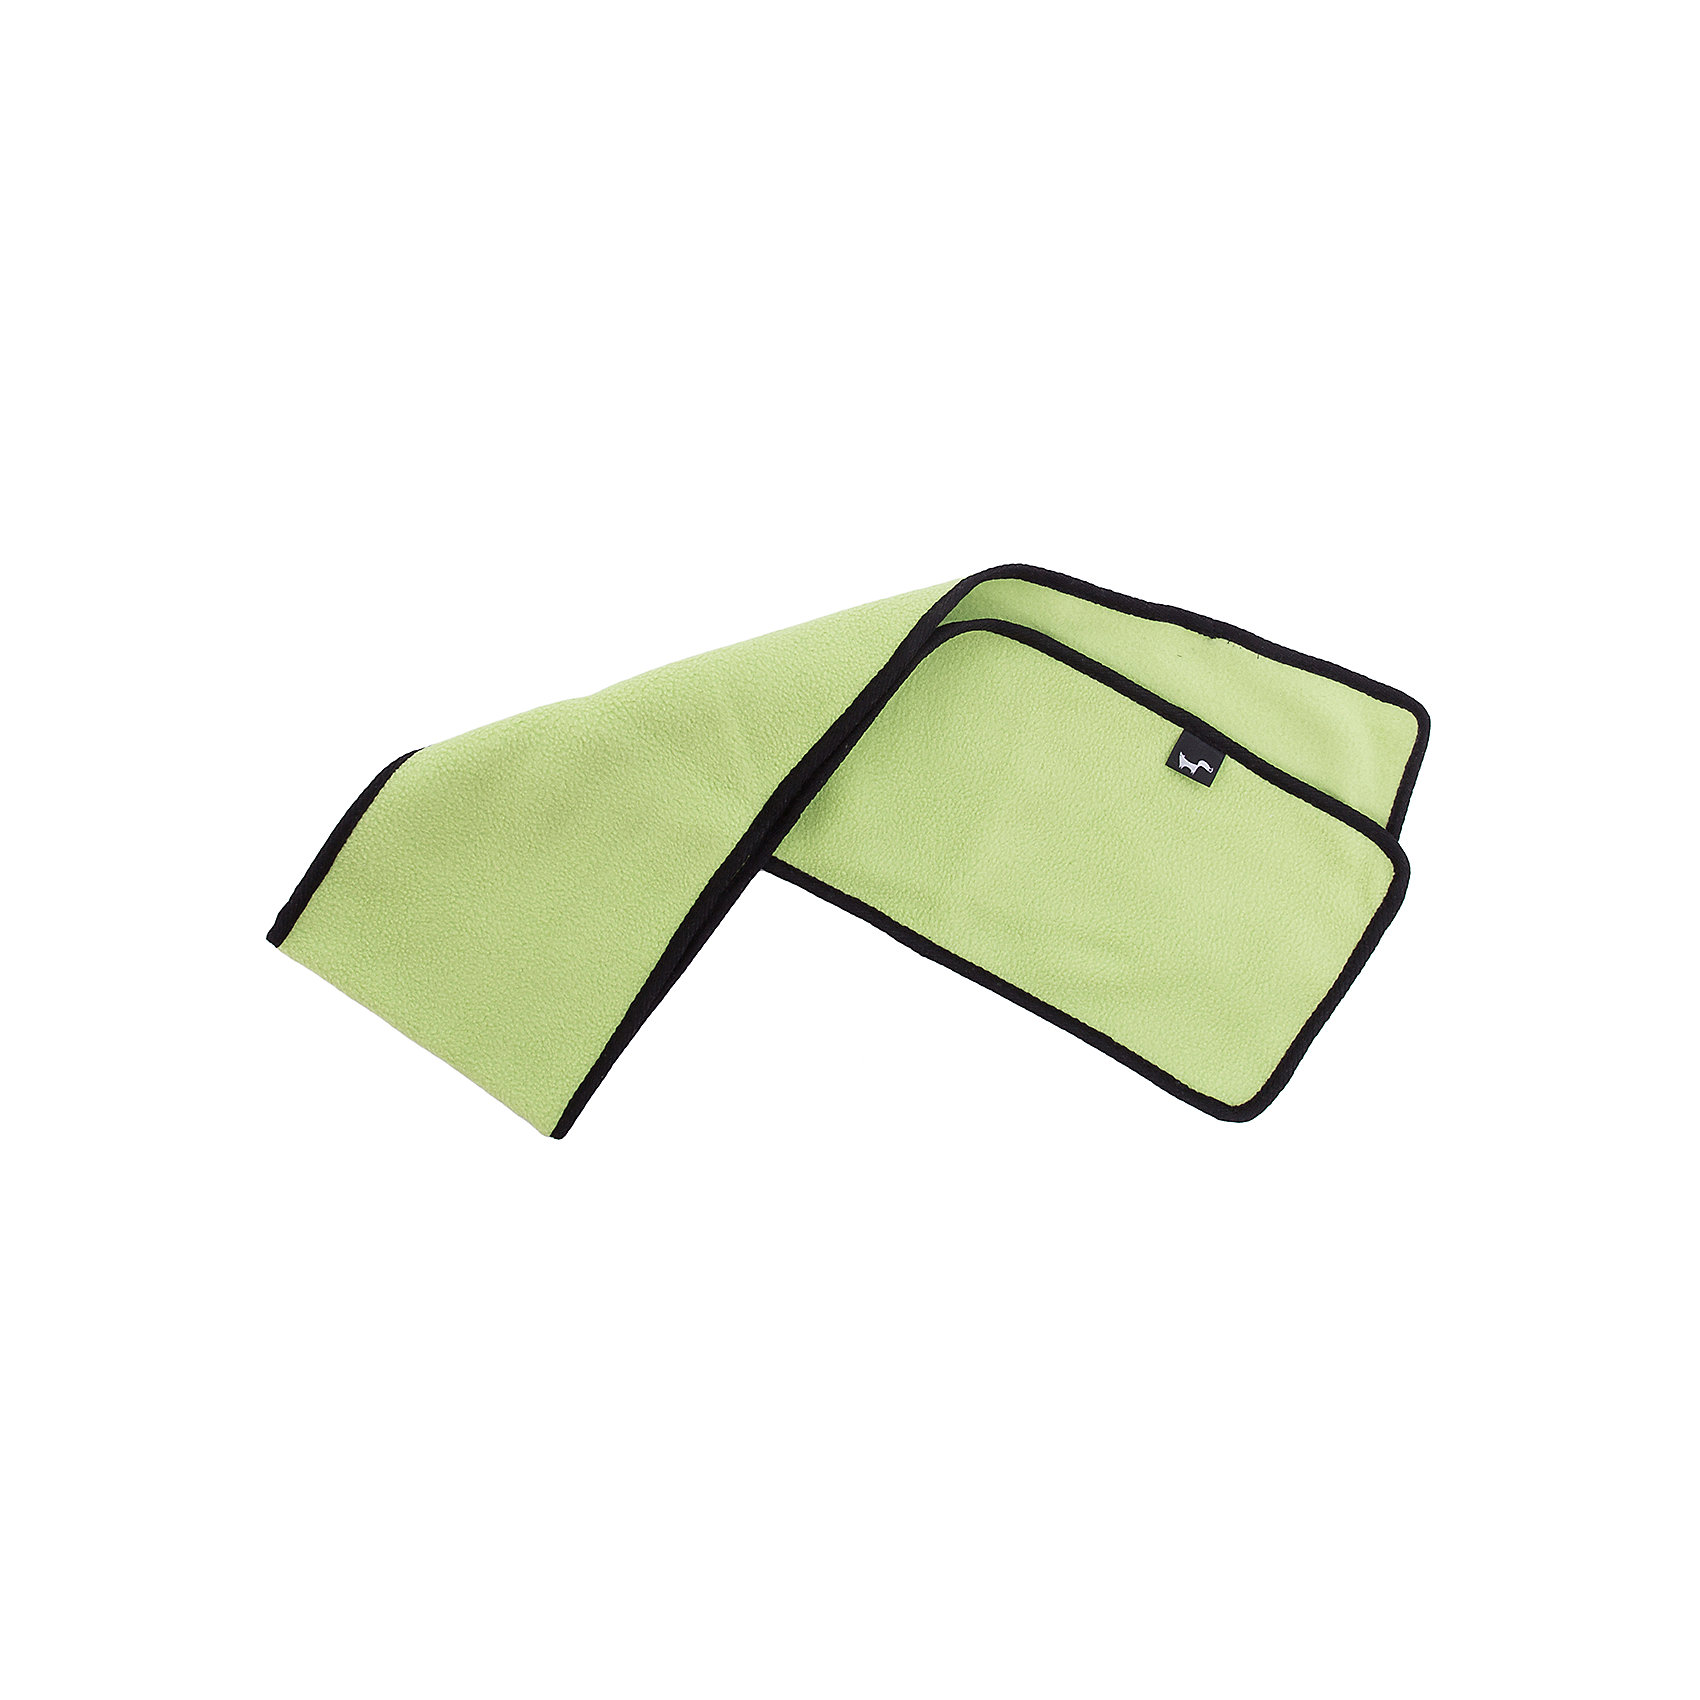 Шарф ЛисФлисШарфы, платки<br>Характеристики товара:<br><br>• цвет: зеленый;<br>• состав: 100% полиэстер, флис (280 гр);<br>• сезон: зима;<br>• особенности: флисовый, двухсторонний;<br>• двухсторонний шарф;<br>• ширина шарфа: 16 см;<br>• мягкий и теплый;<br>• страна бренда: Россия;<br>• страна производства: Россия.<br><br>Шарф — прекрасное дополнение к любому комплекту, кофте или комбинезону. Двухсторонний шарф  выполнен из флиса 280 гр.<br><br>Шарф ЛисФлис можно купить в нашем интернет-магазине.<br><br>Ширина мм: 88<br>Глубина мм: 155<br>Высота мм: 26<br>Вес г: 106<br>Цвет: зеленый<br>Возраст от месяцев: 60<br>Возраст до месяцев: 132<br>Пол: Унисекс<br>Возраст: Детский<br>Размер: one size<br>SKU: 7052847